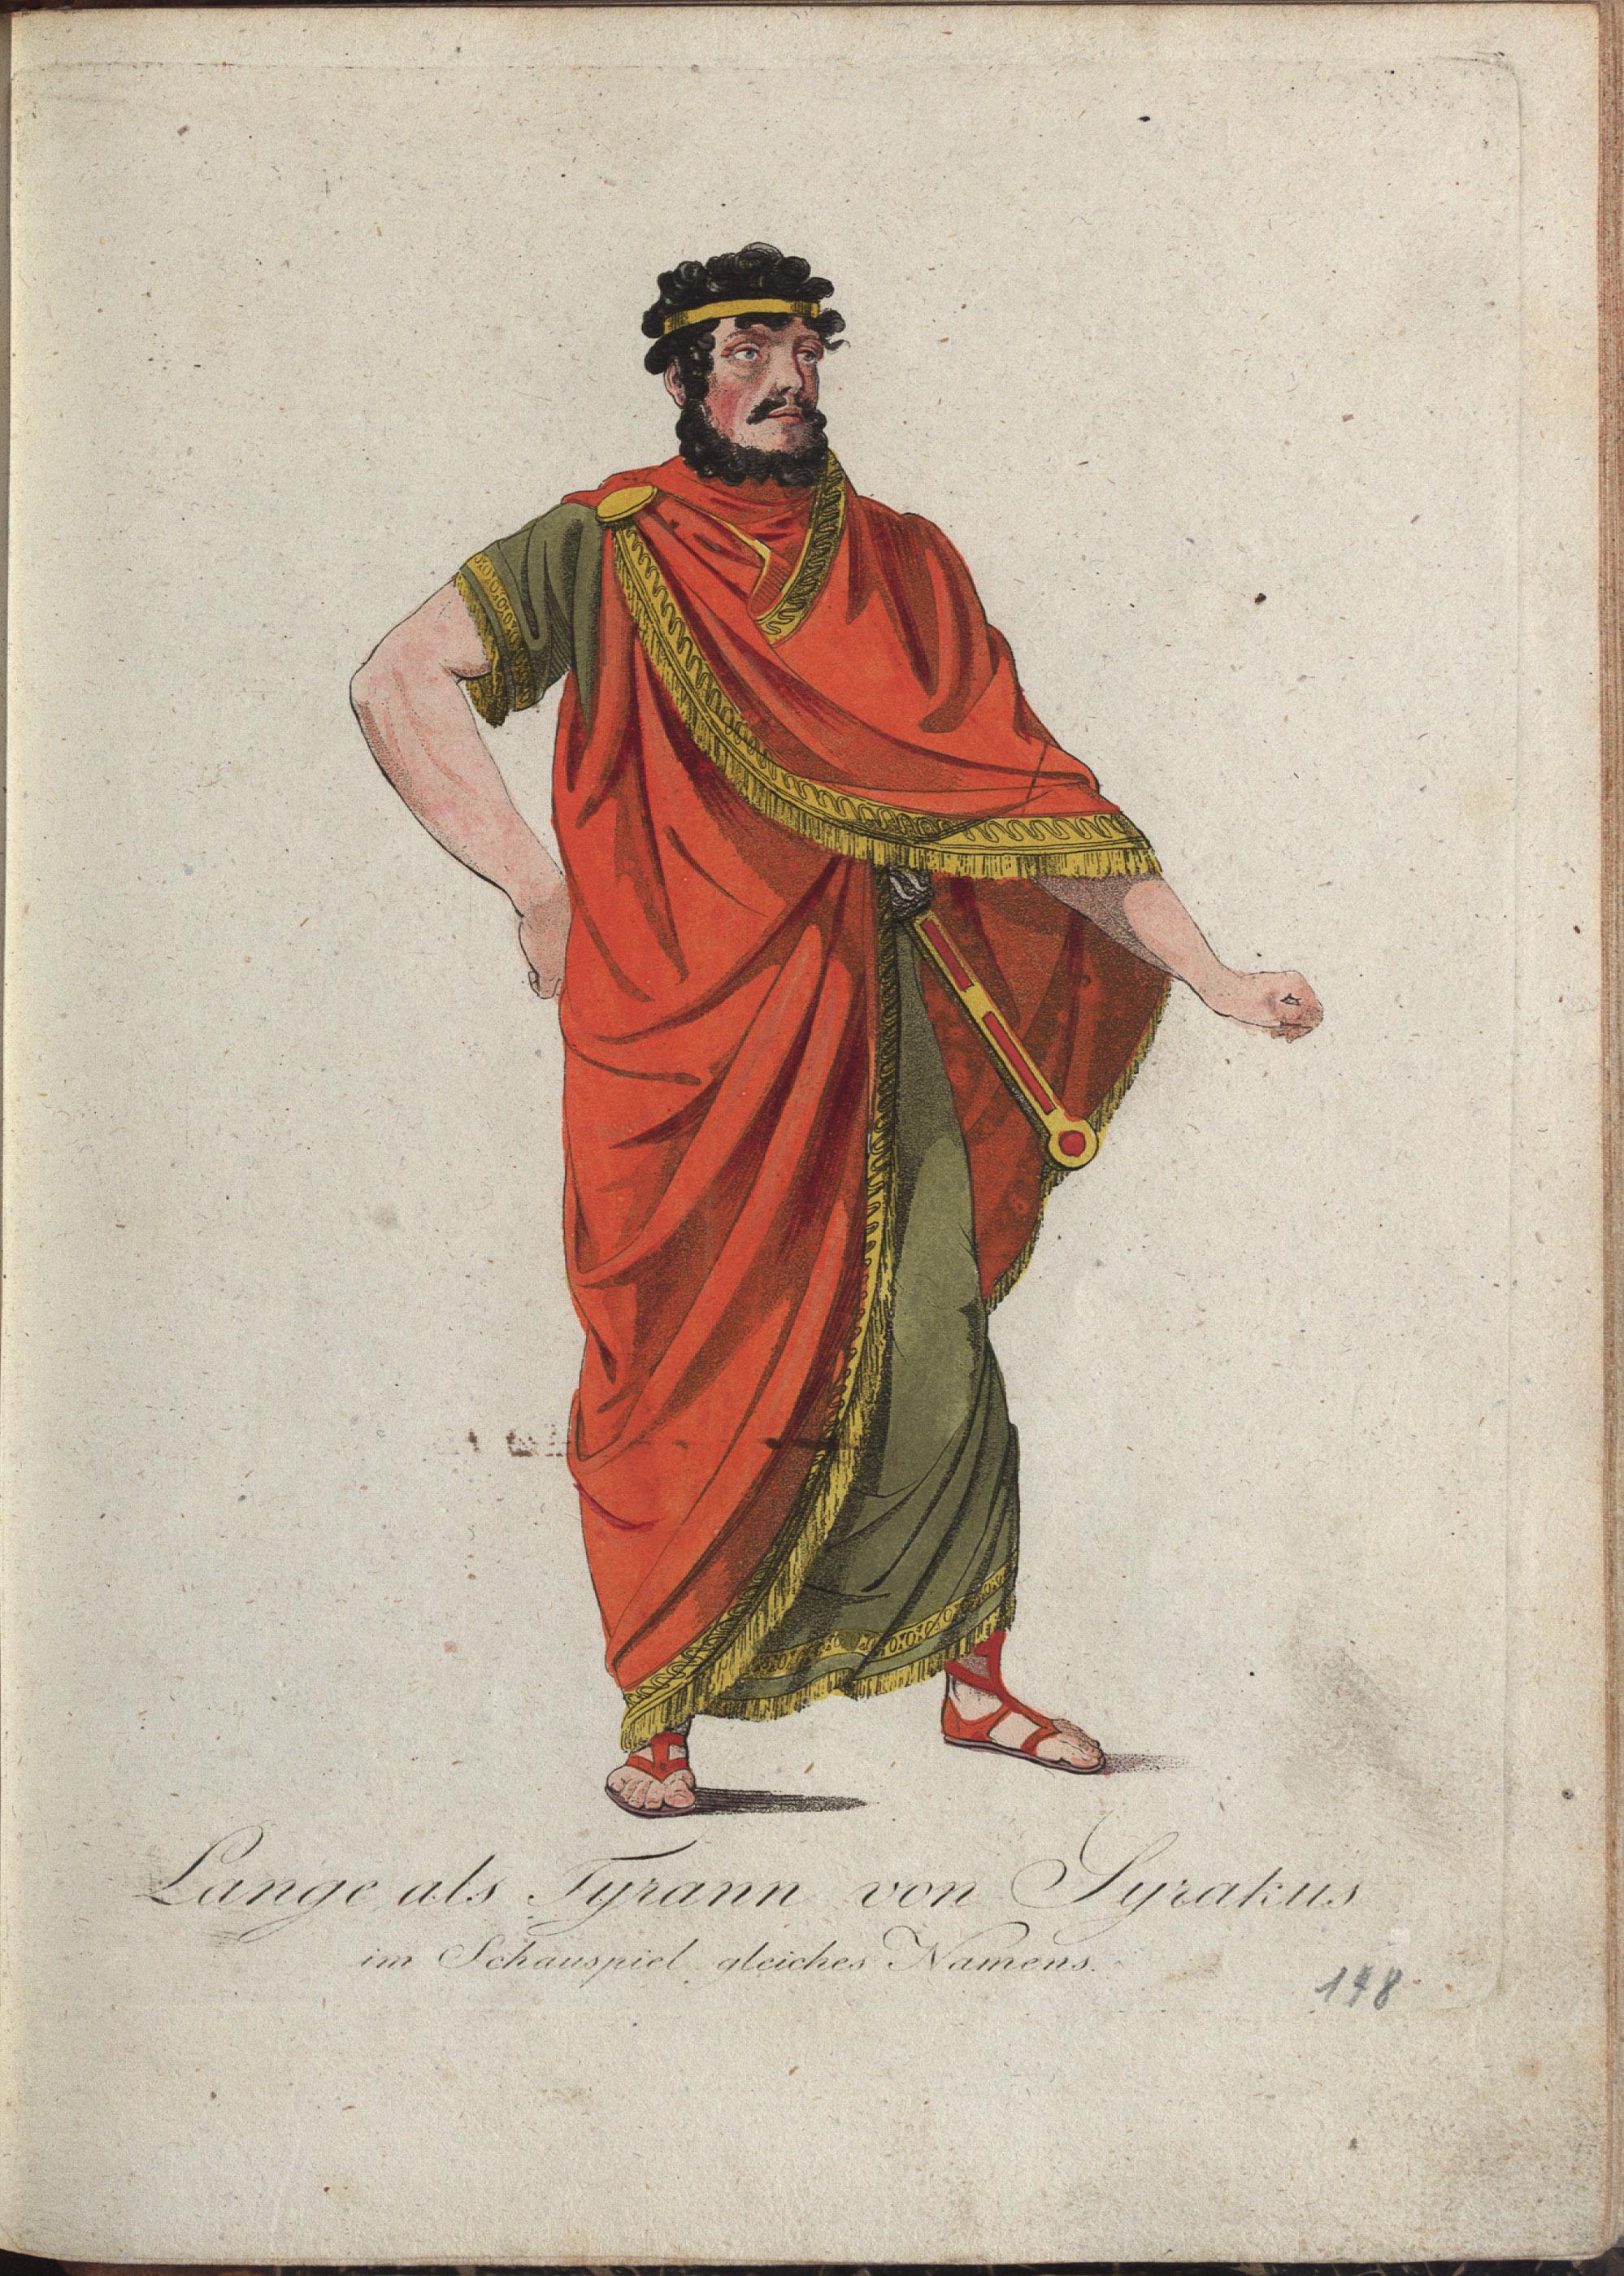 Der Tyrann von Syrakus von Philipp von Stubenrauch